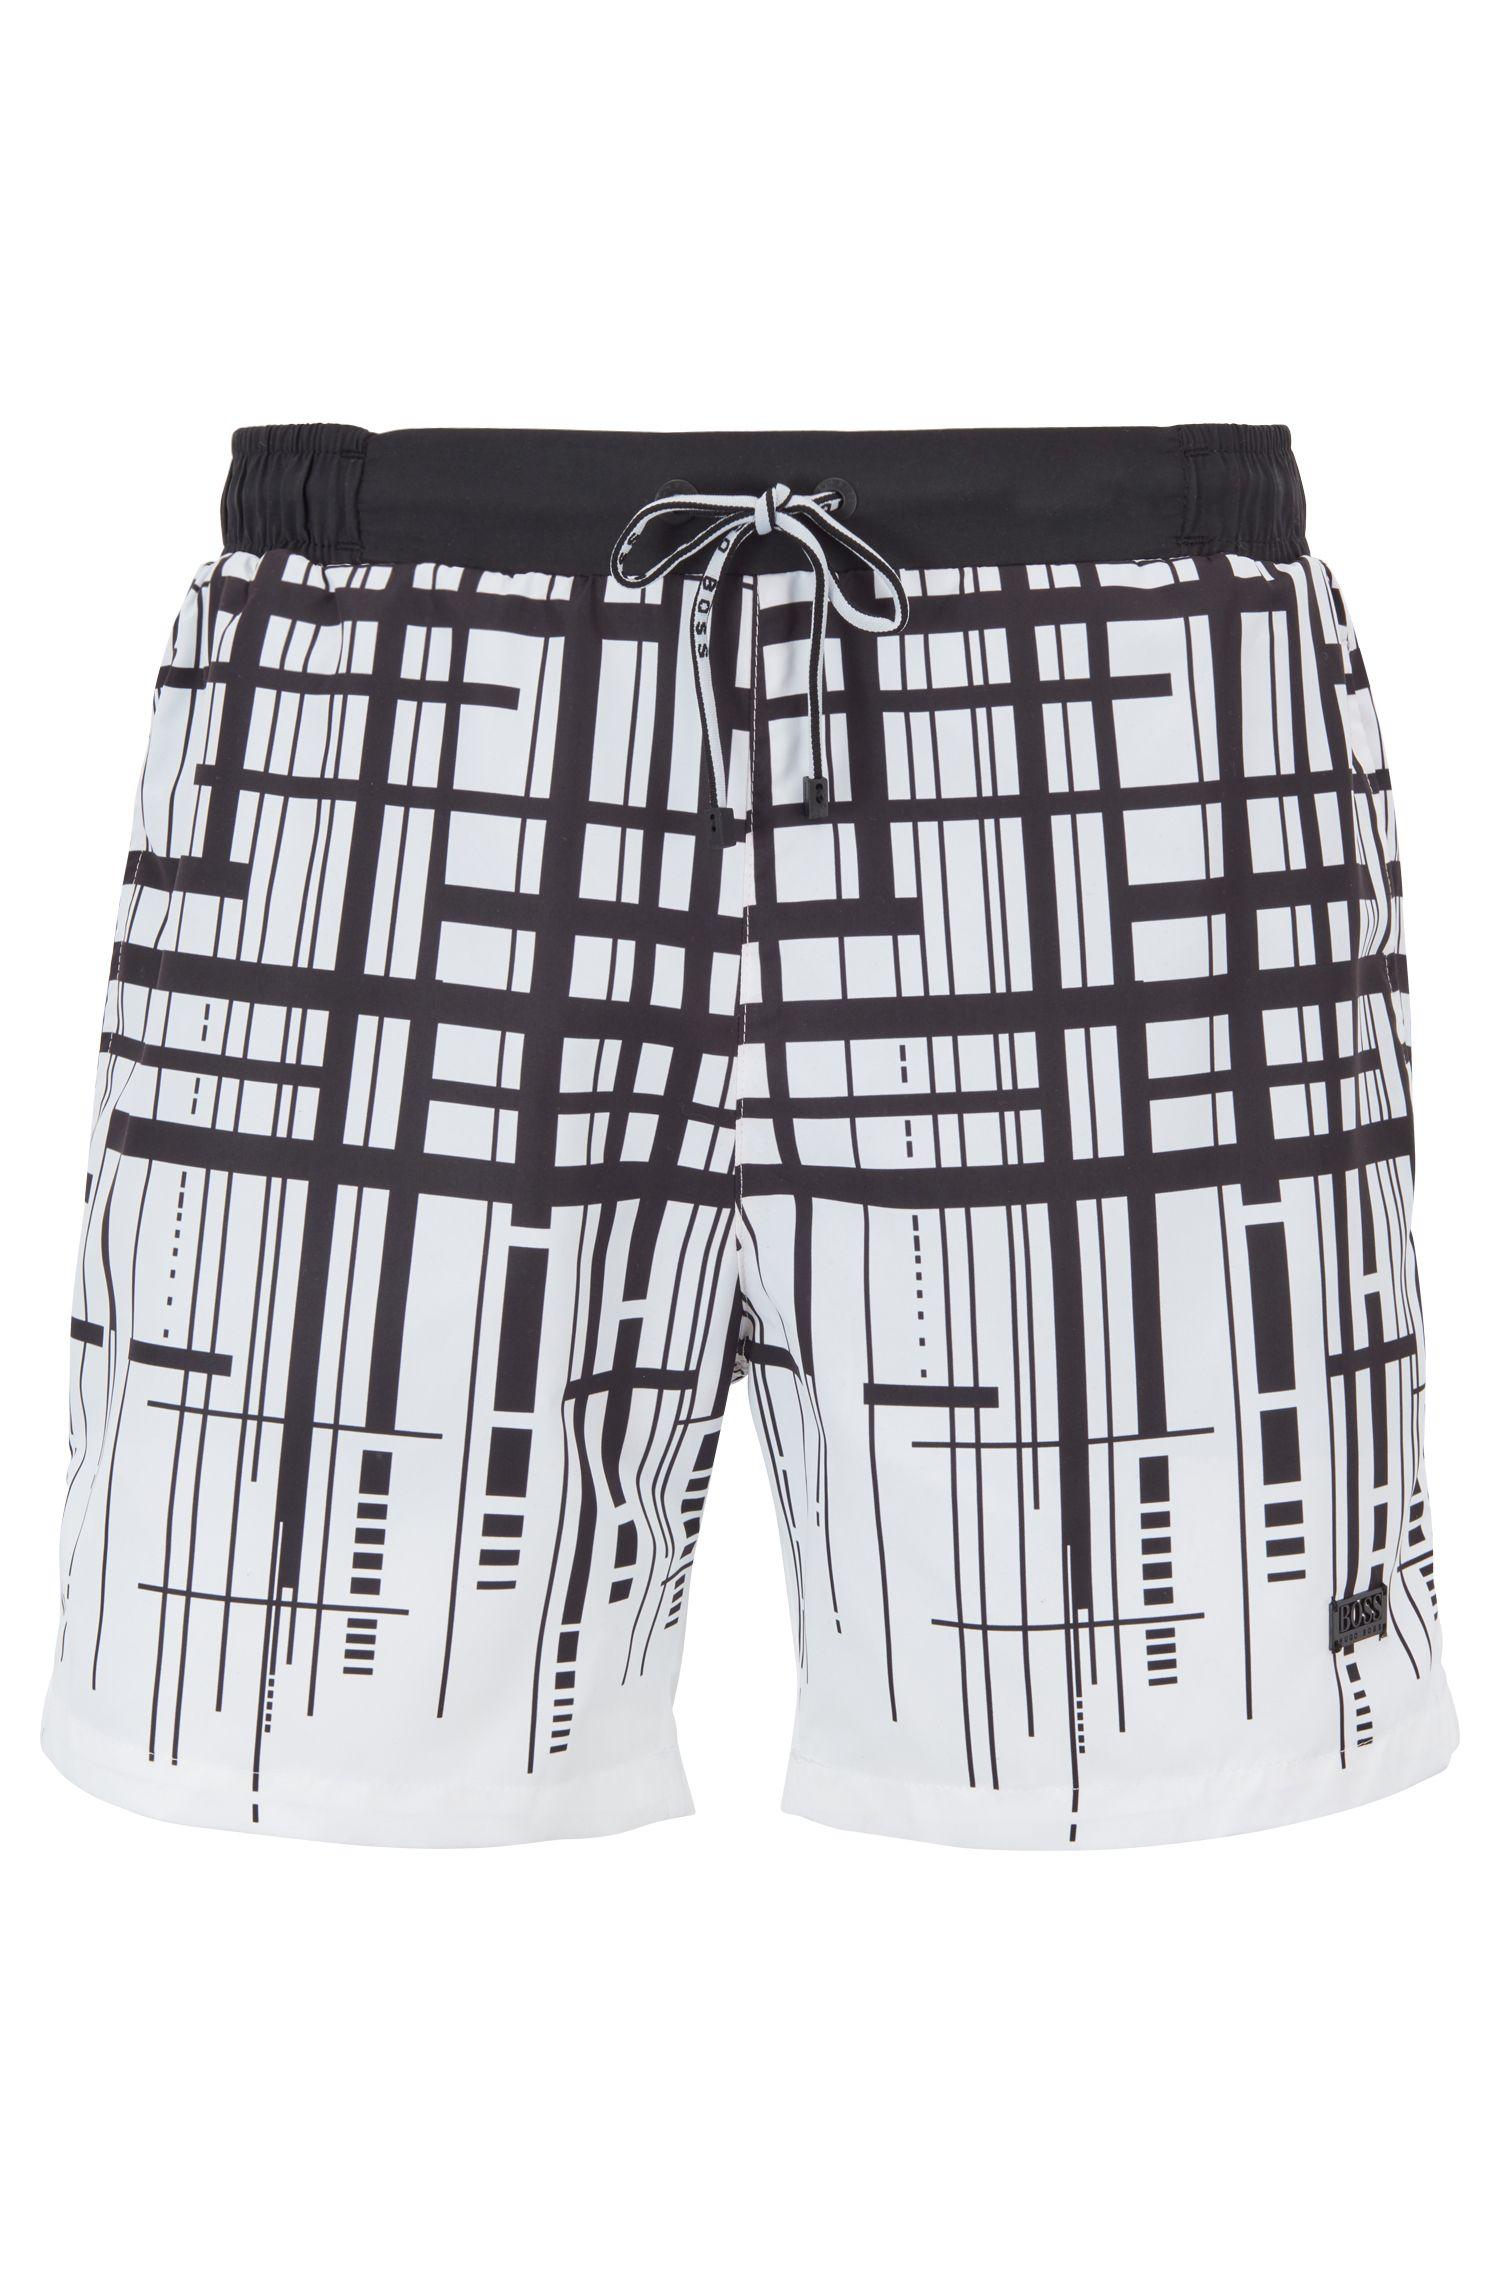 Bañador tipo shorts de secado rápido con estampado a cuadros en degradado, Blanco